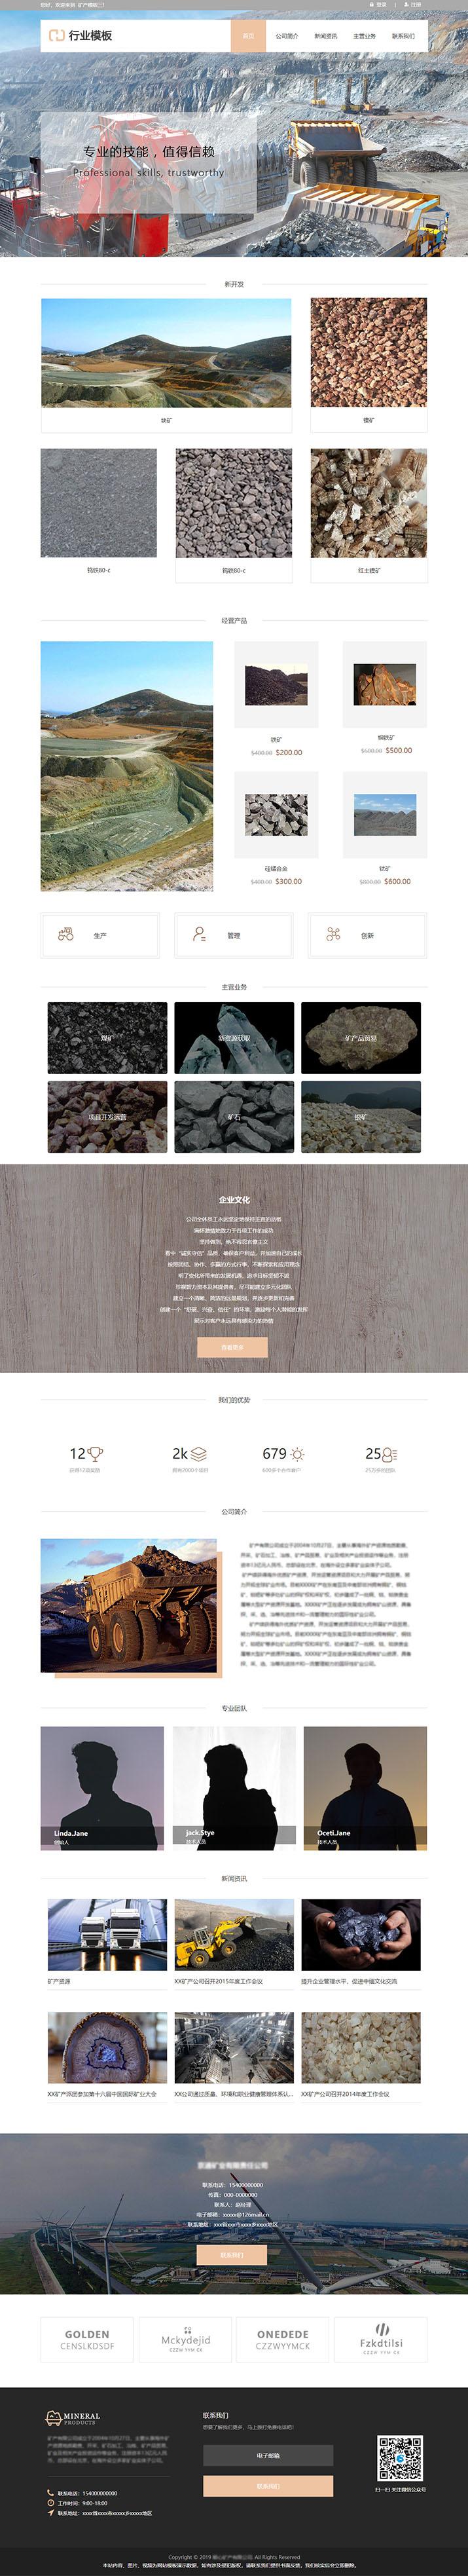 矿产公司网站模板